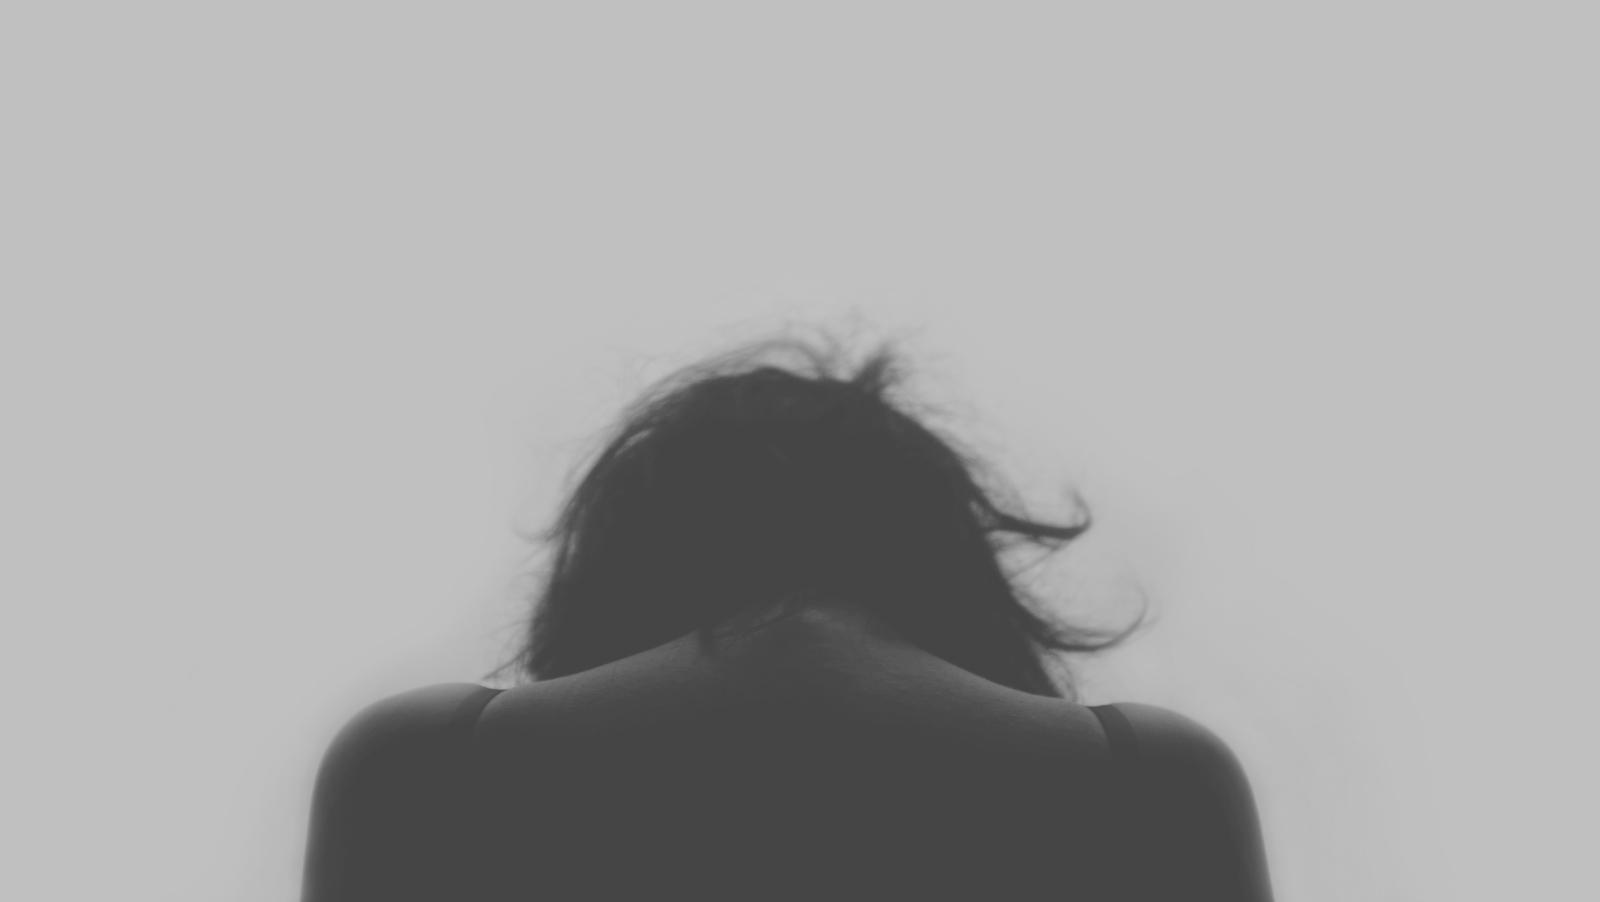 В Бельгии физически здоровую девушку, страдающую от хронической депрессии, подвергнут эвтаназии